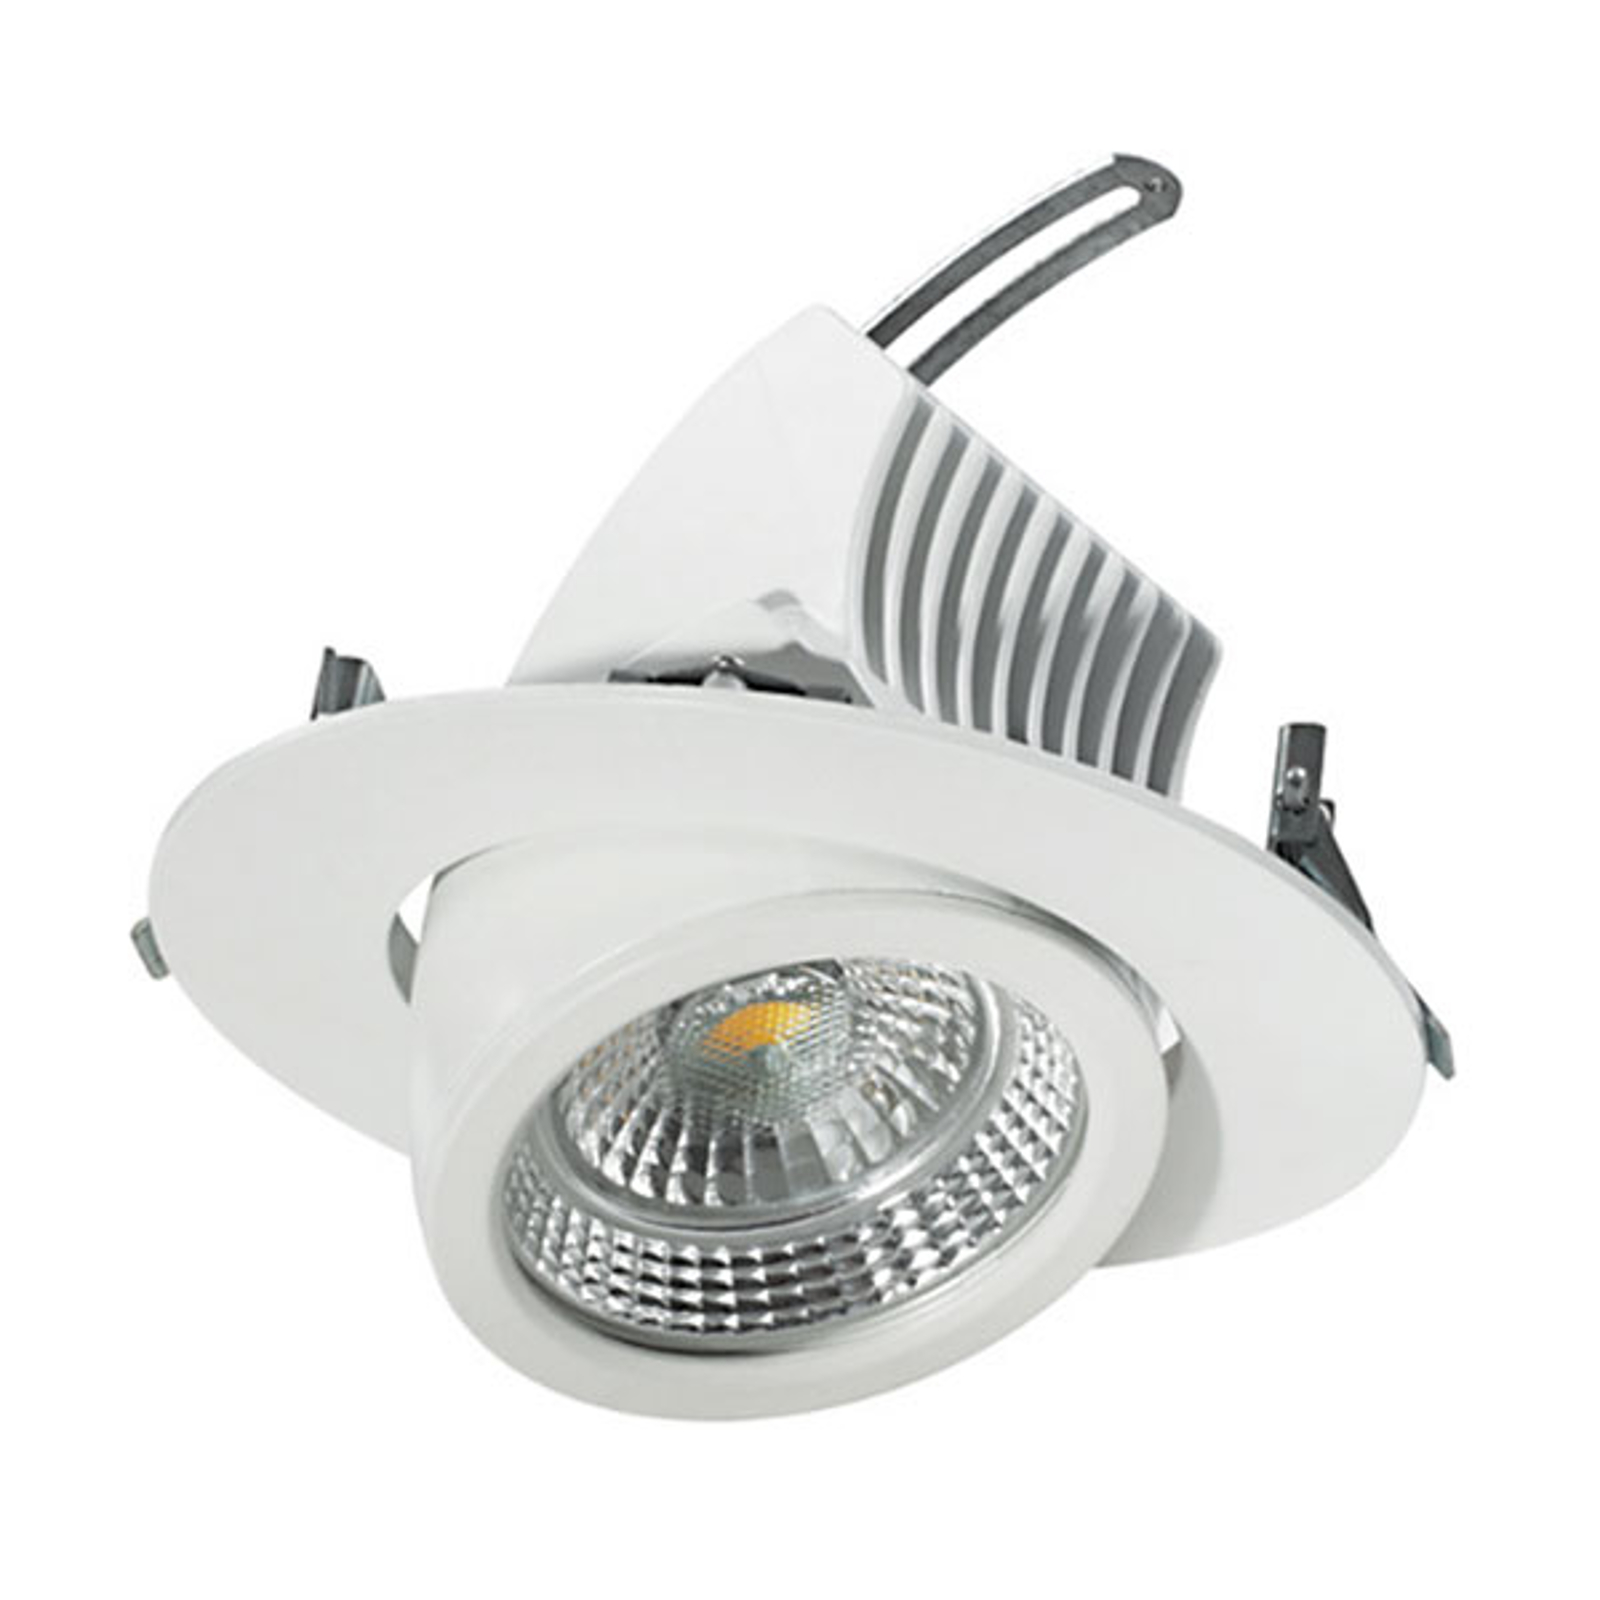 Schwenkbarer LED-Einbaustrahler 17 cm, 31 W